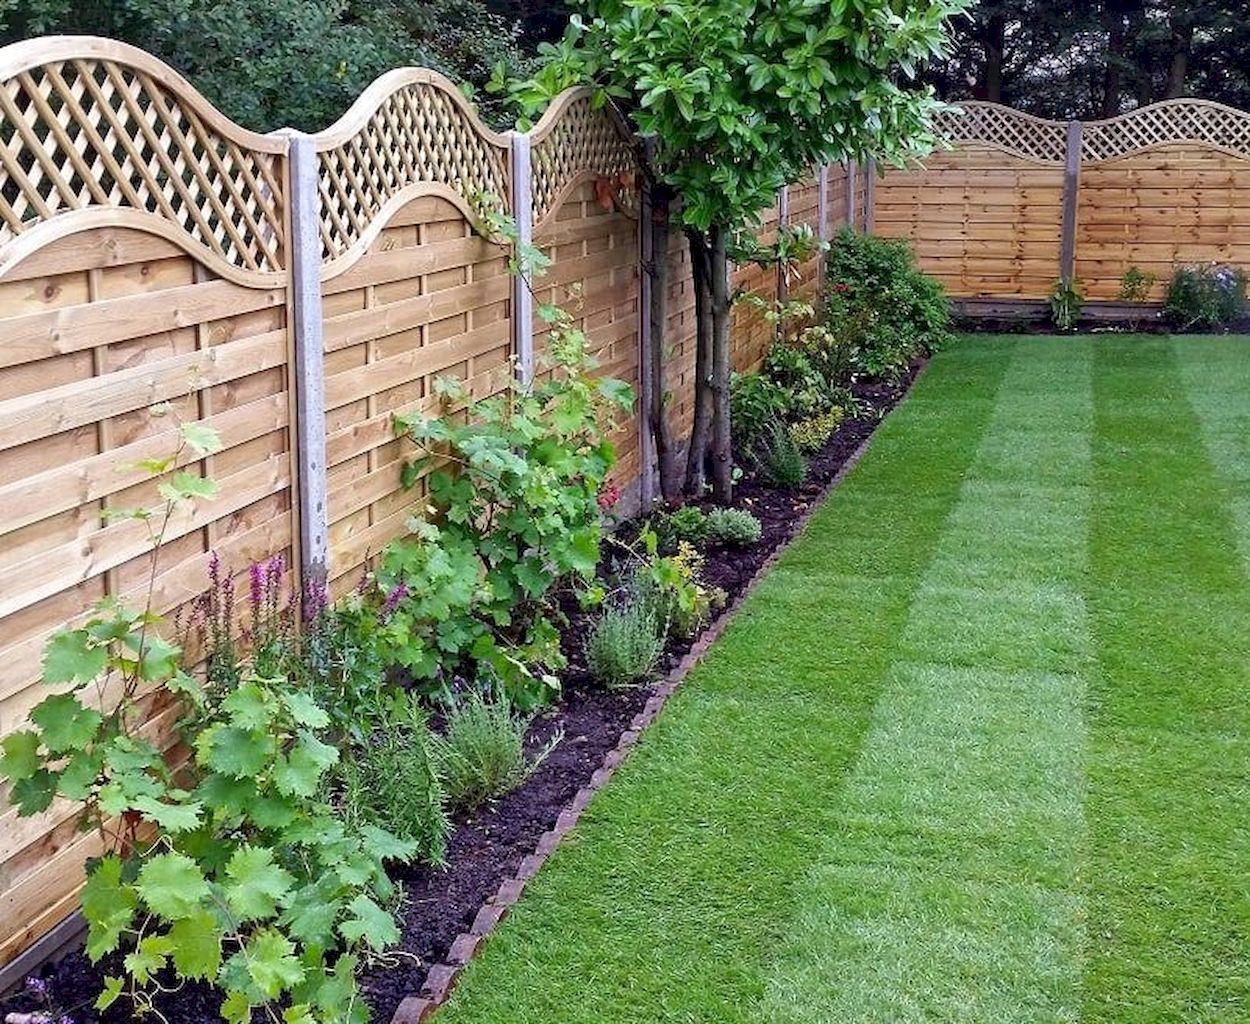 Garden Fencing Ideas062